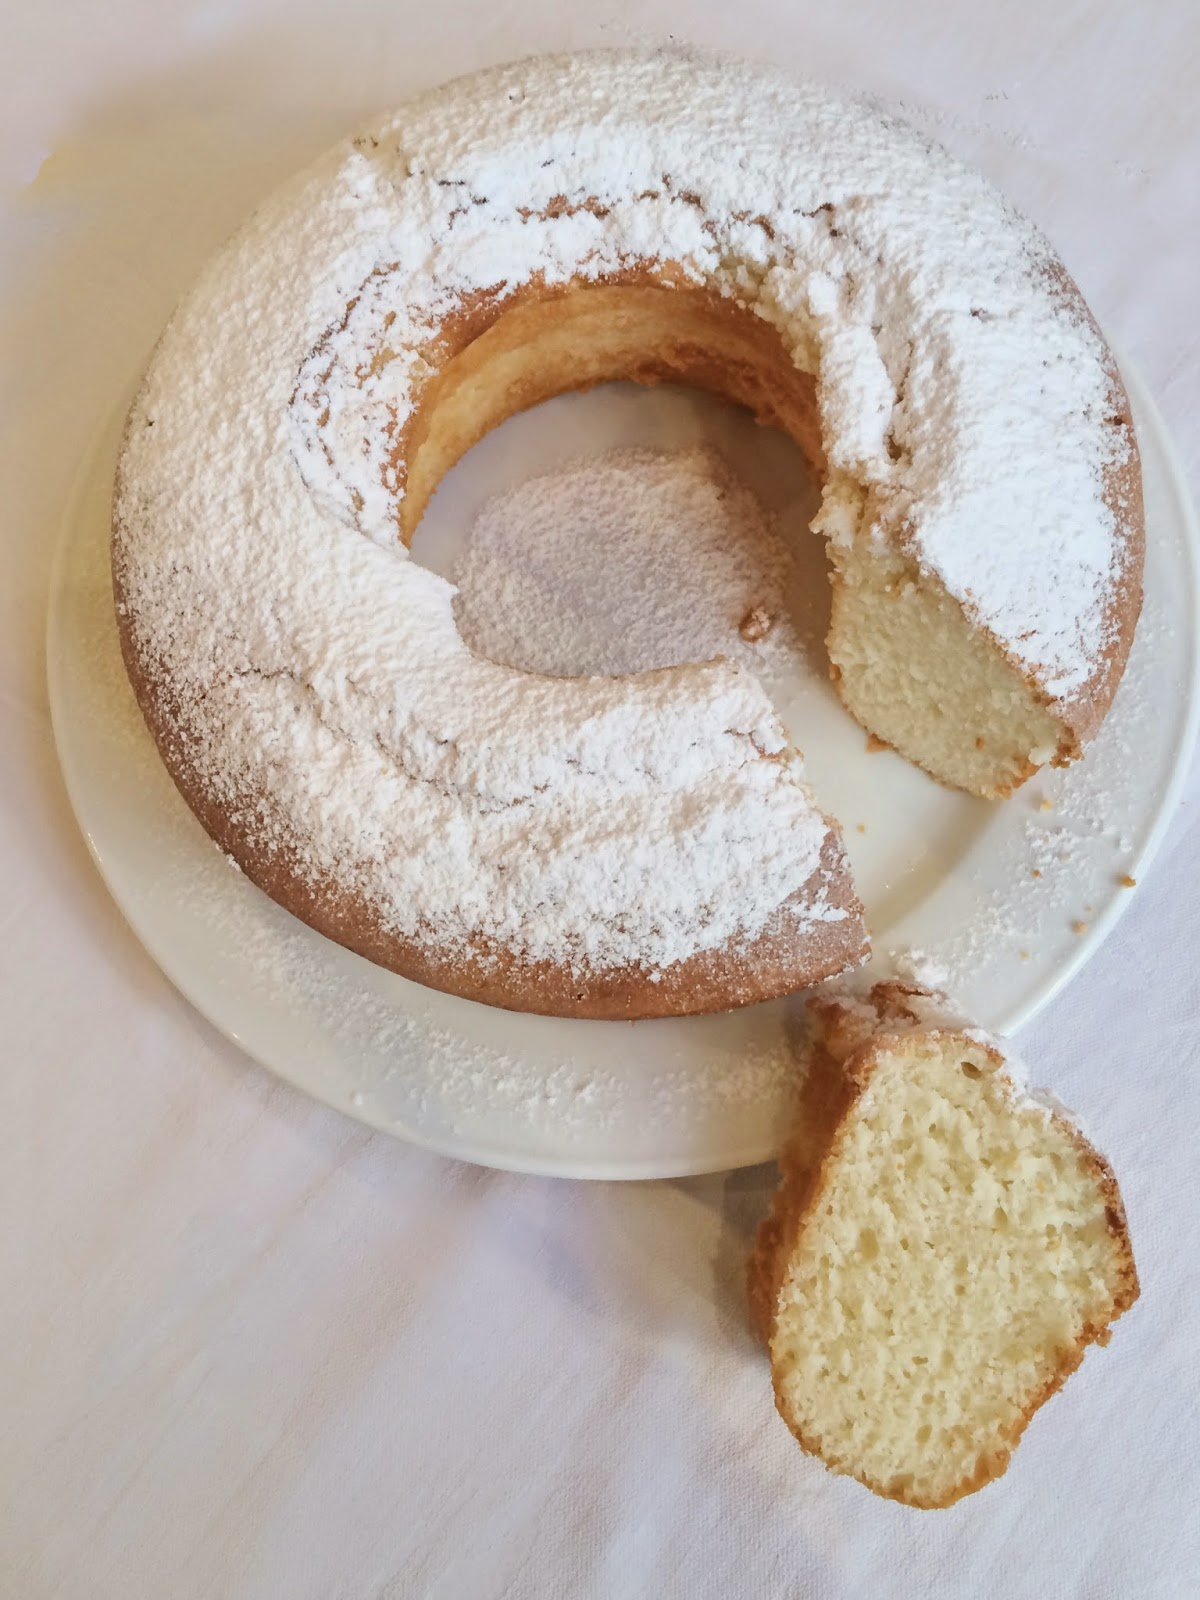 torta bianca allo yogurt - white yogurt cake